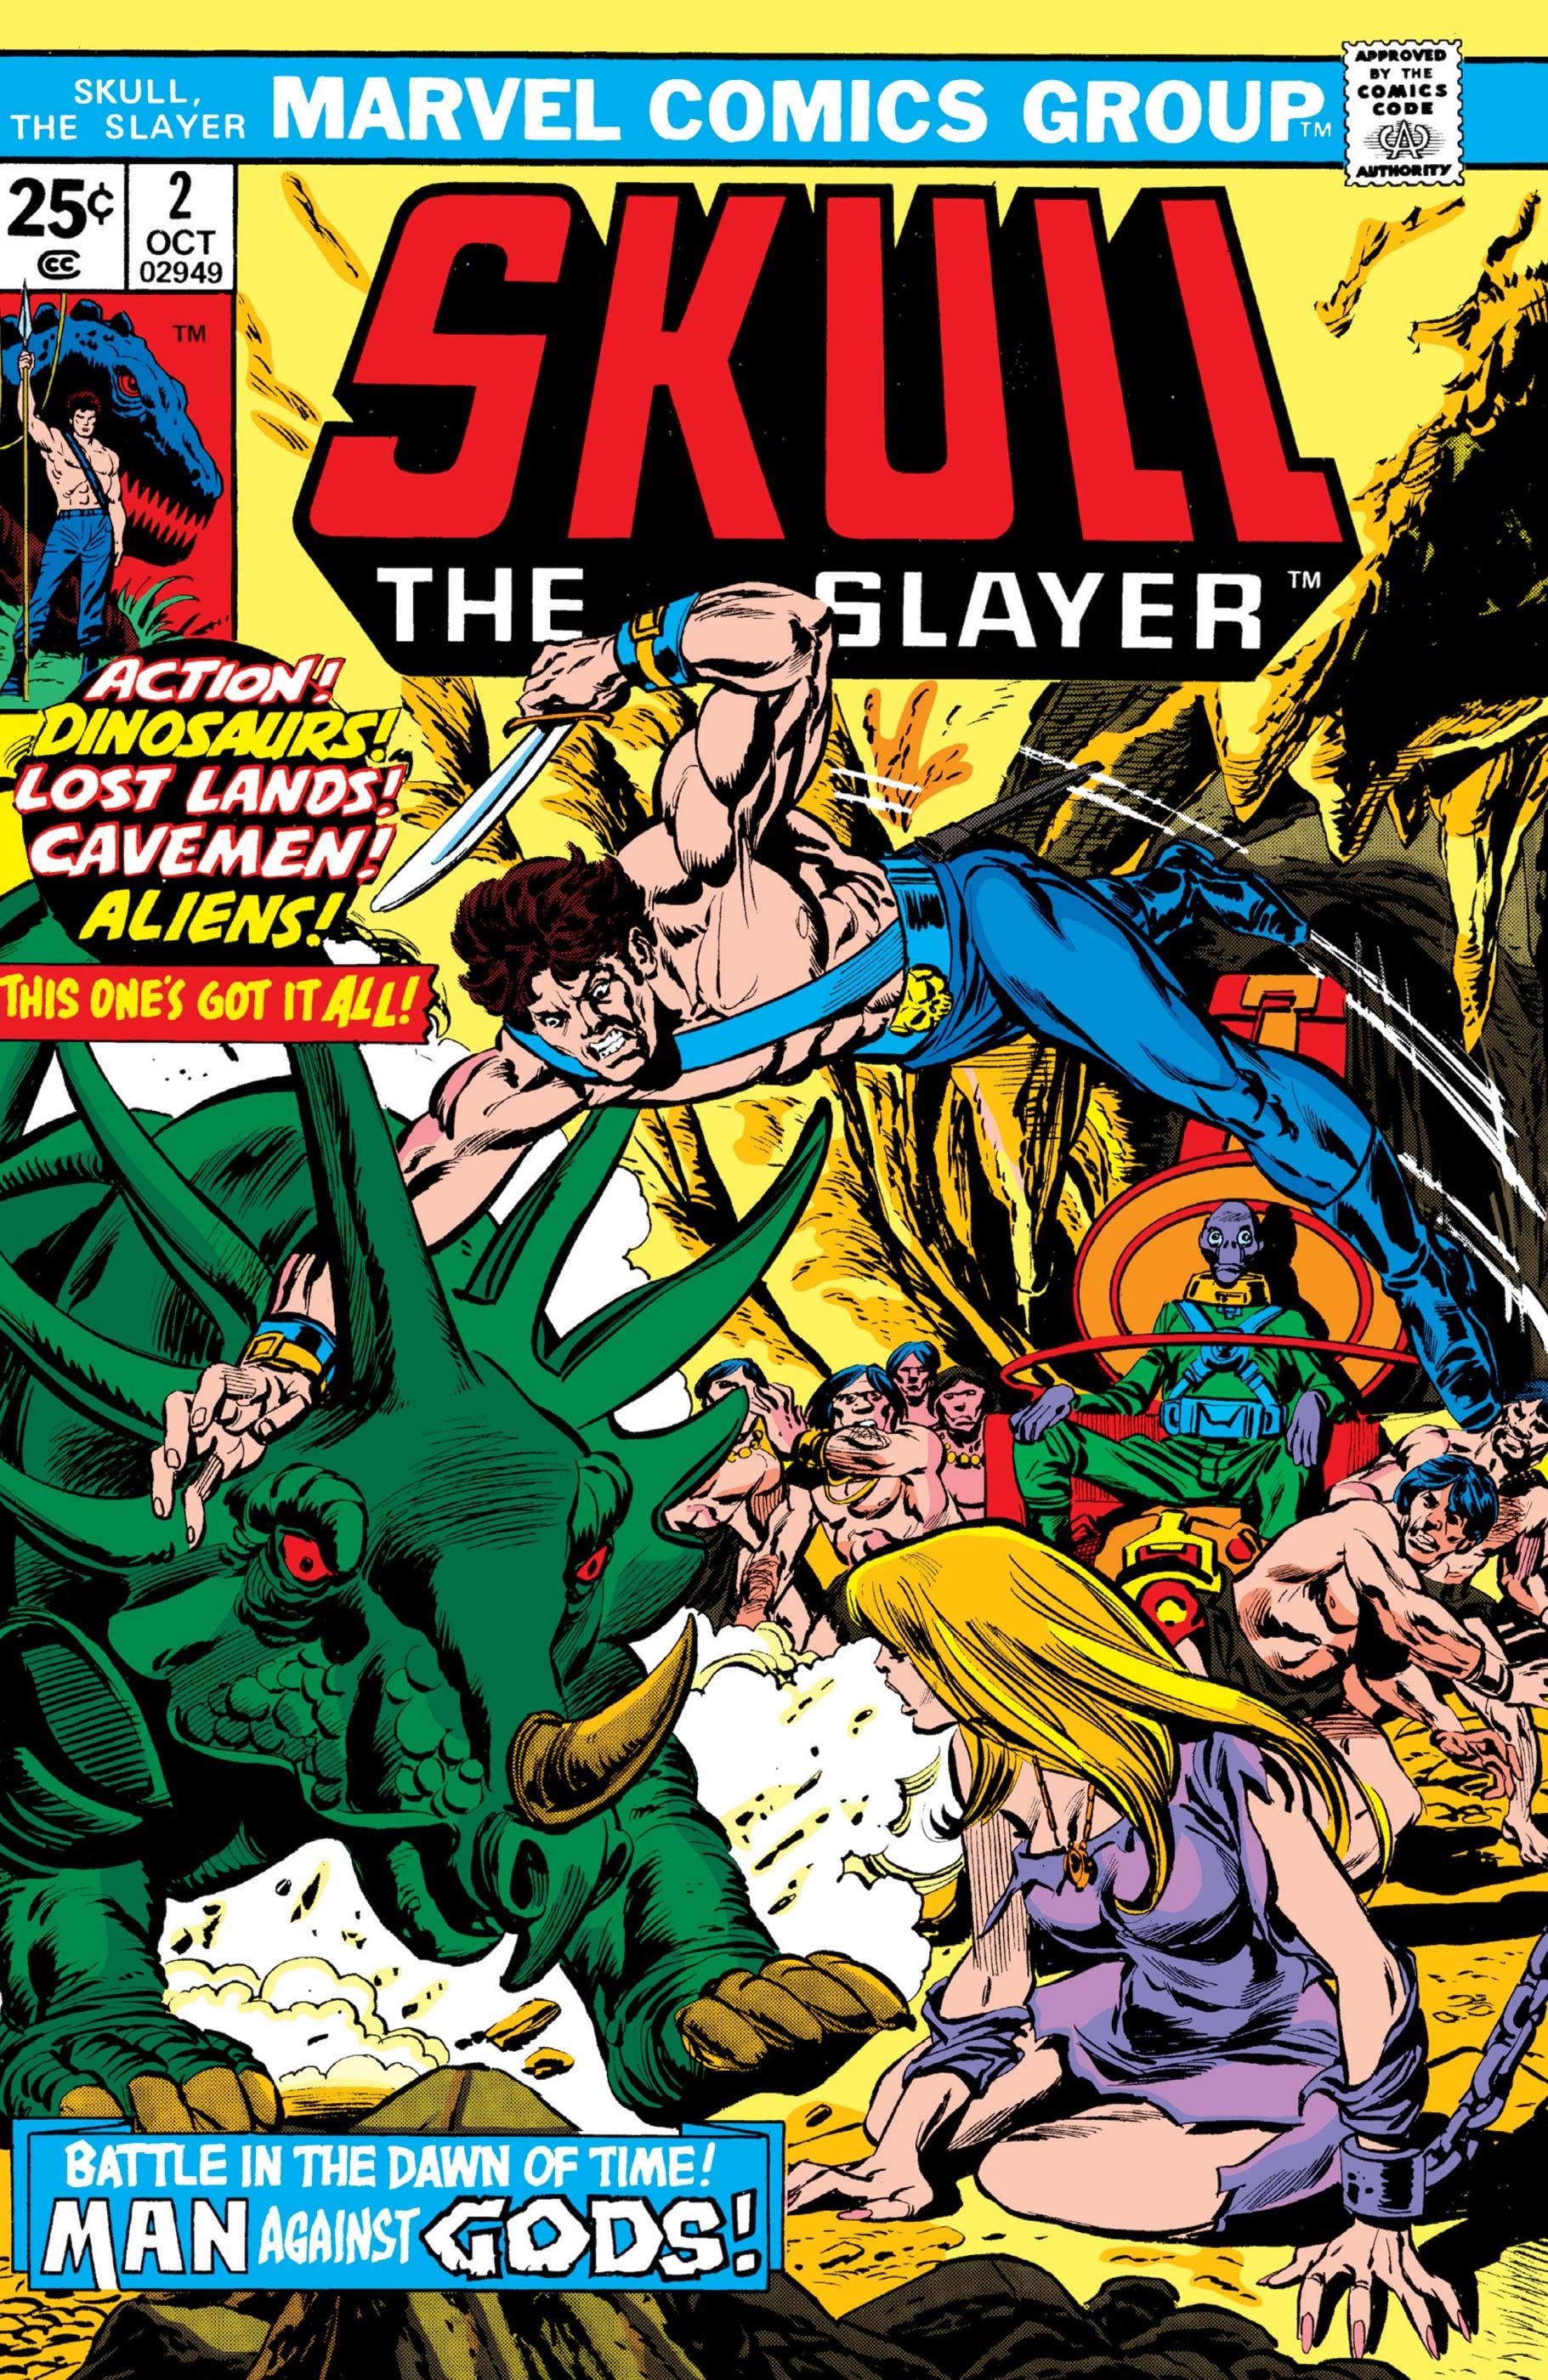 Skull the Slayer (1975) #2